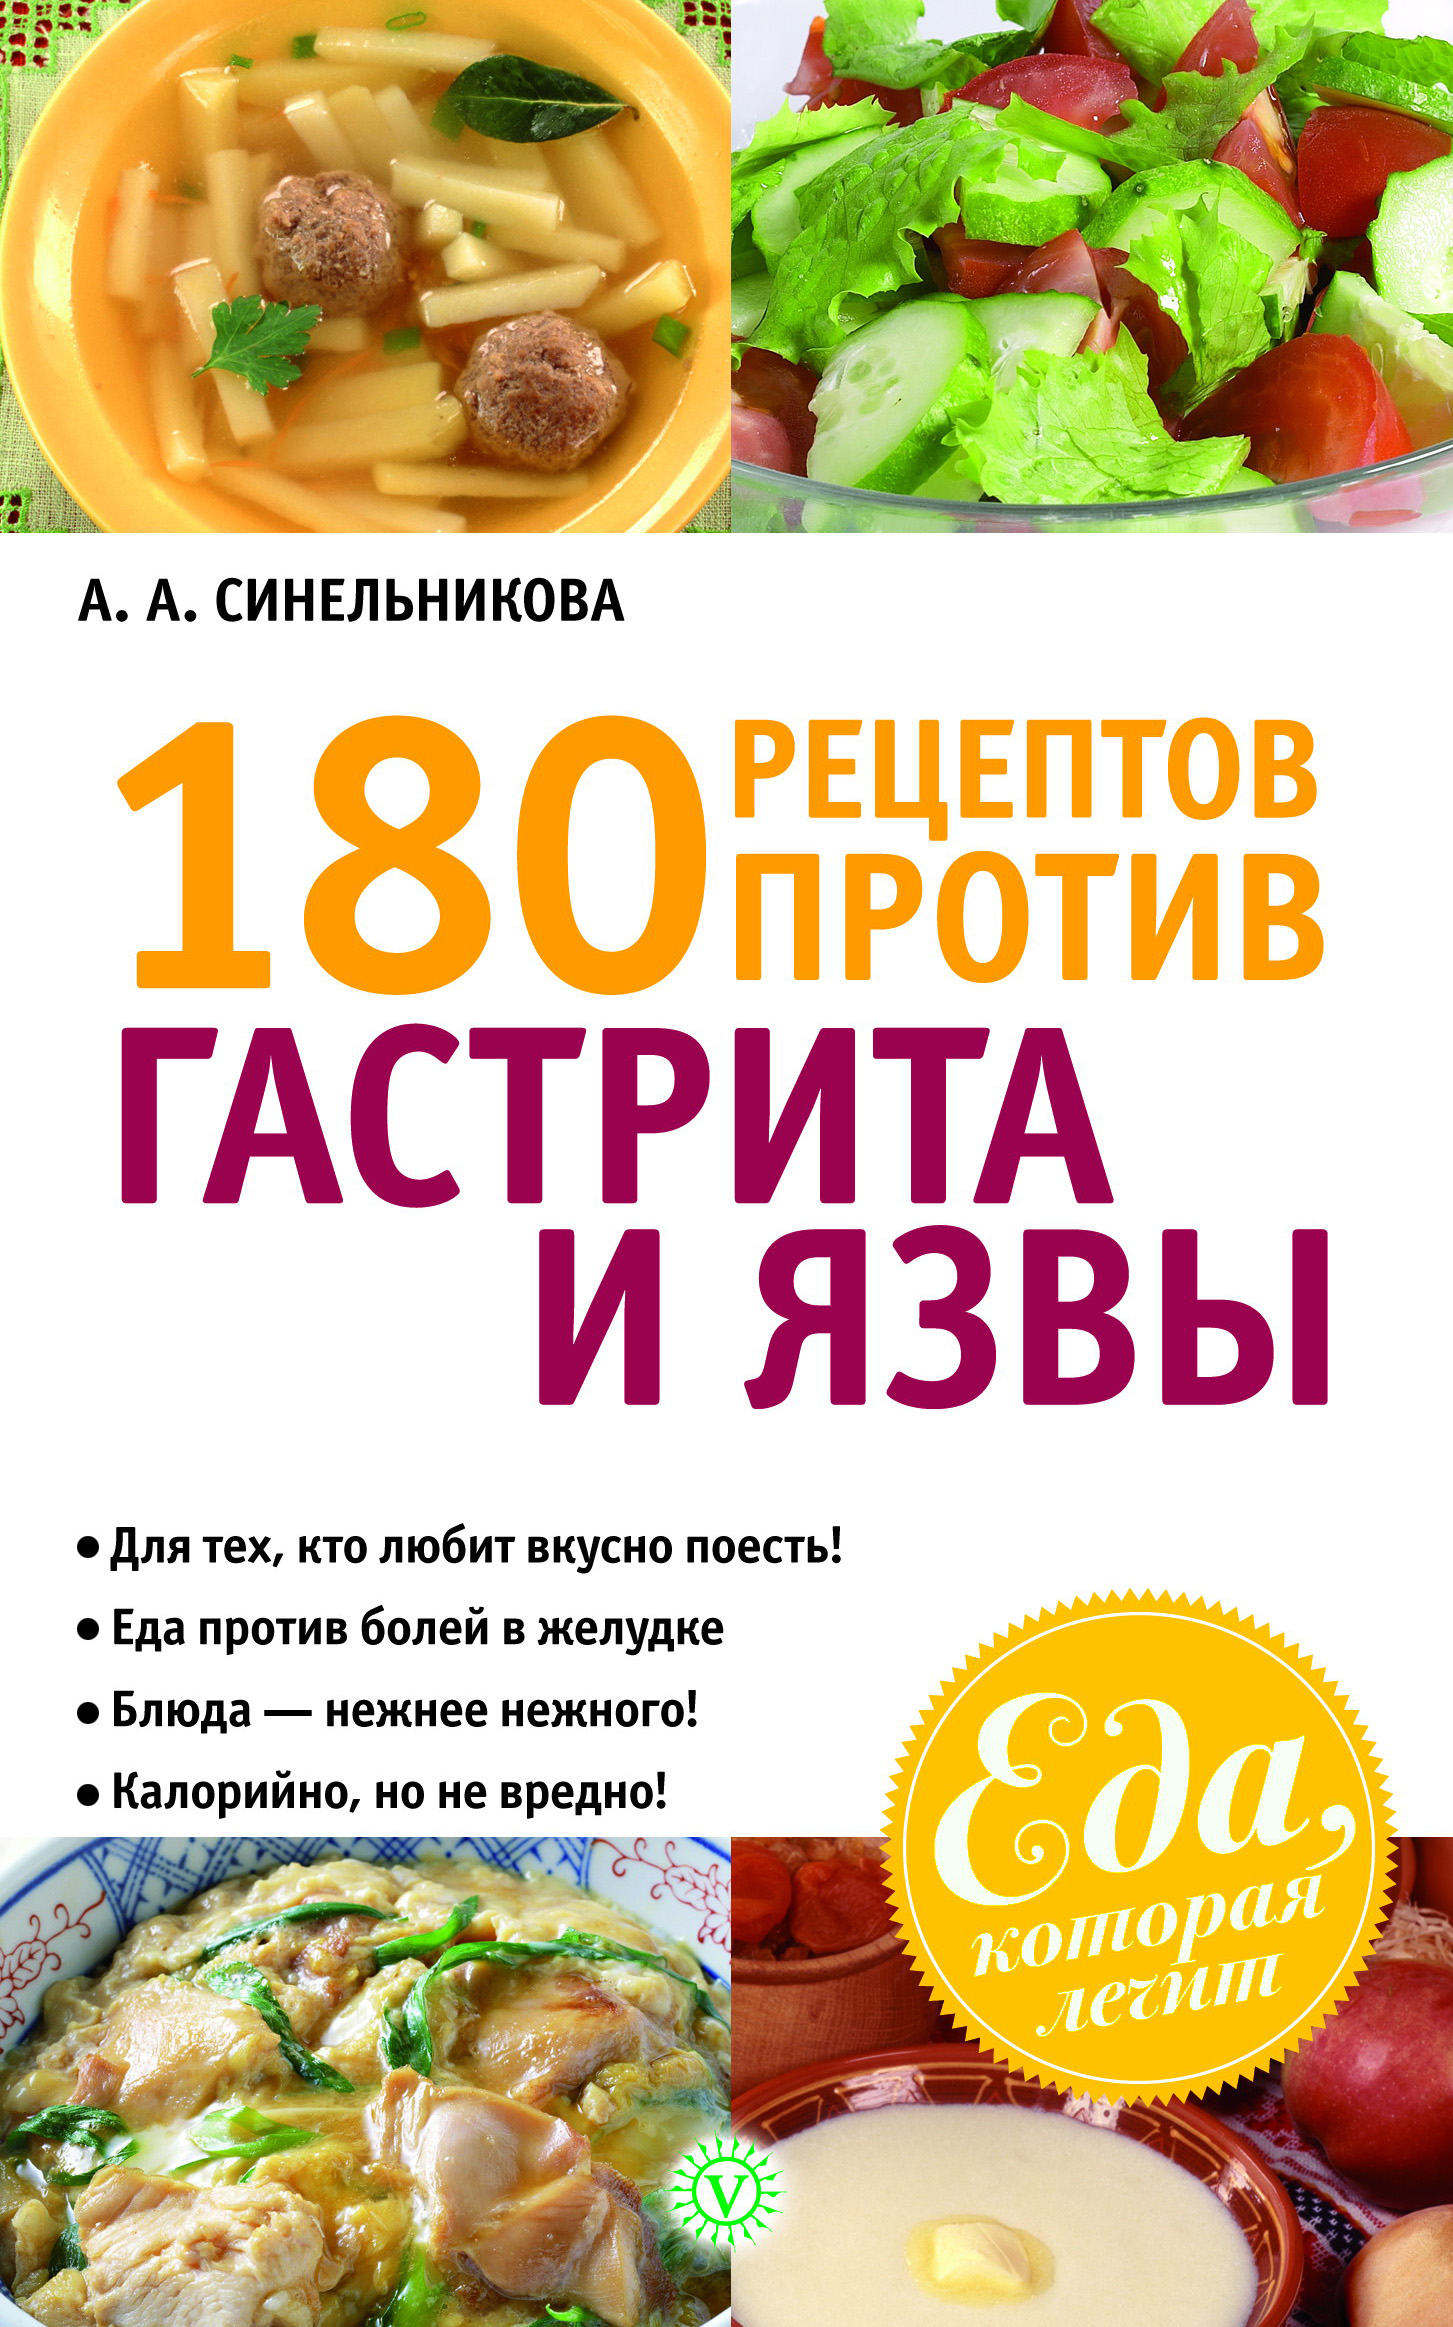 А. Синельникова «180 рецептов против гастрита и язвы»